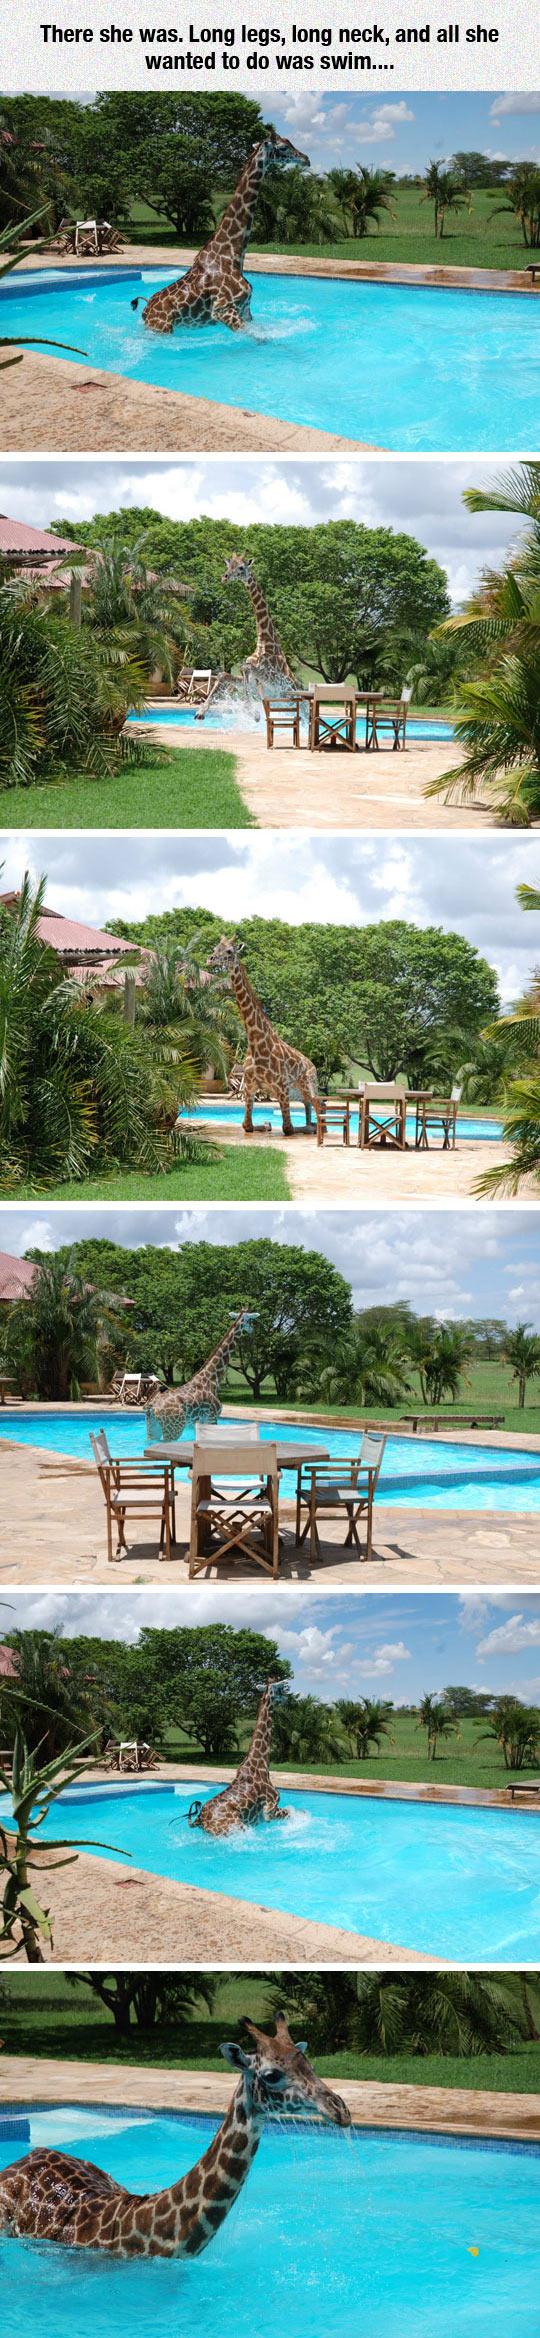 cool-giraffe-swimming-water-pool